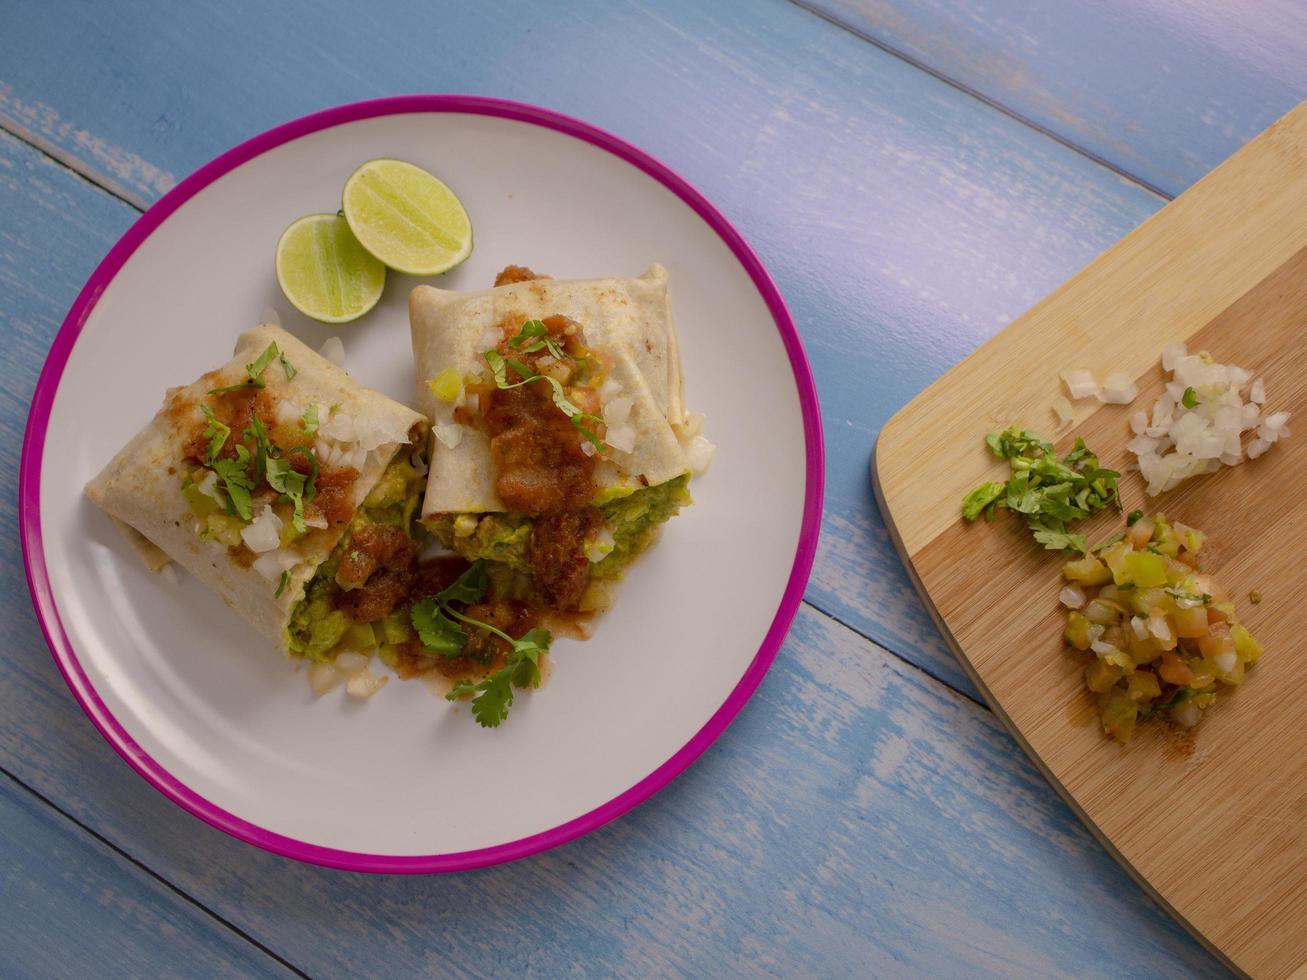 mexikanischer Burrito mit Salsa foto